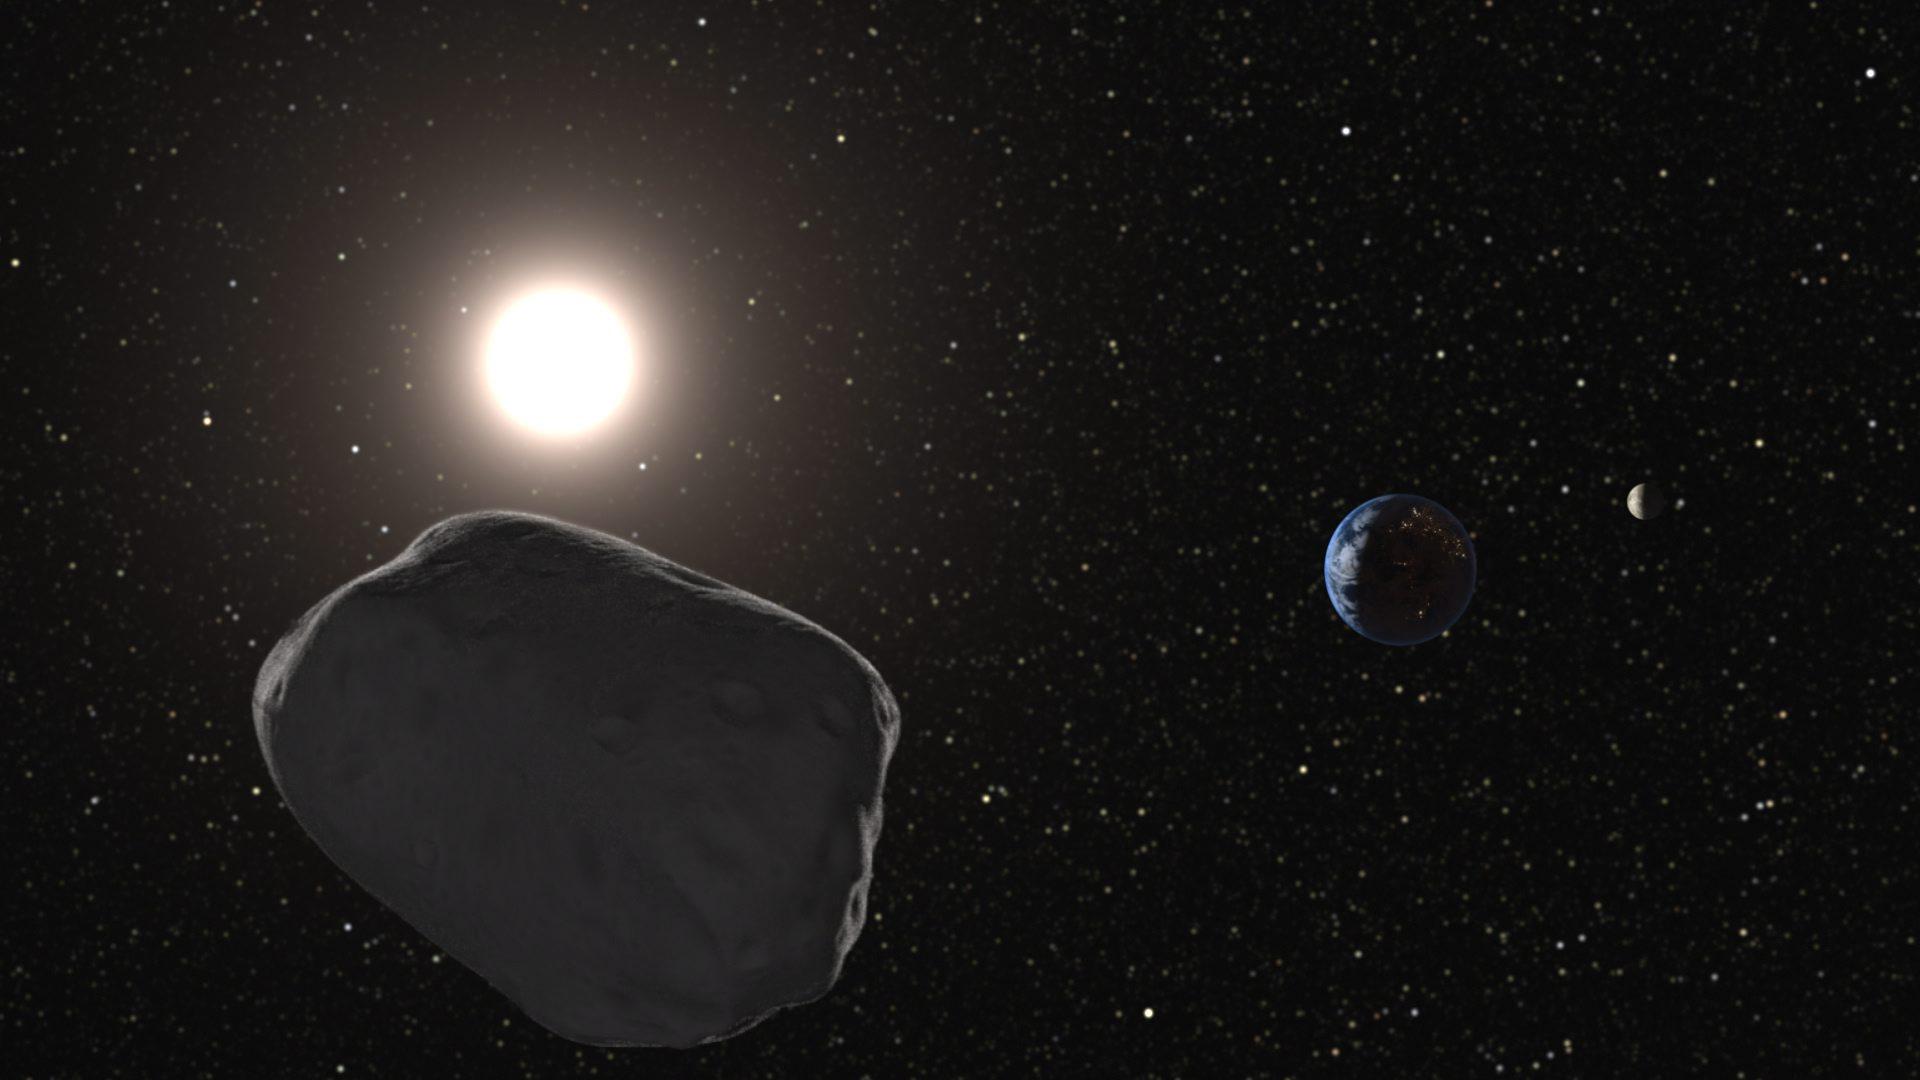 Руски учен предложи мисия до астероида Апофис